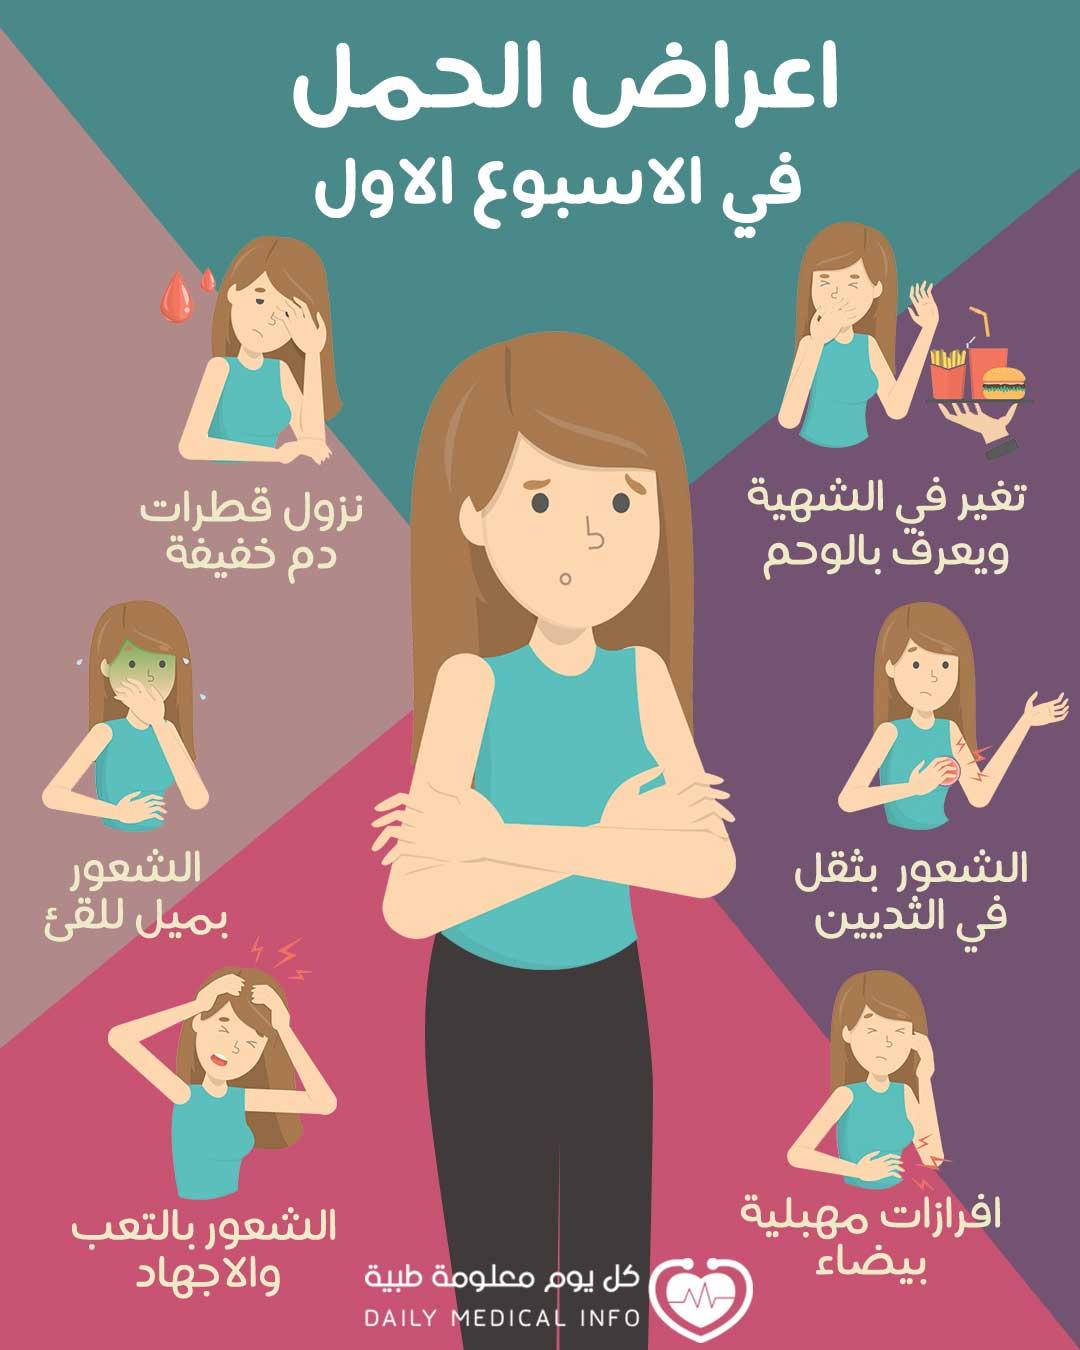 اعراض الحمل في الشهر الاول للبكر